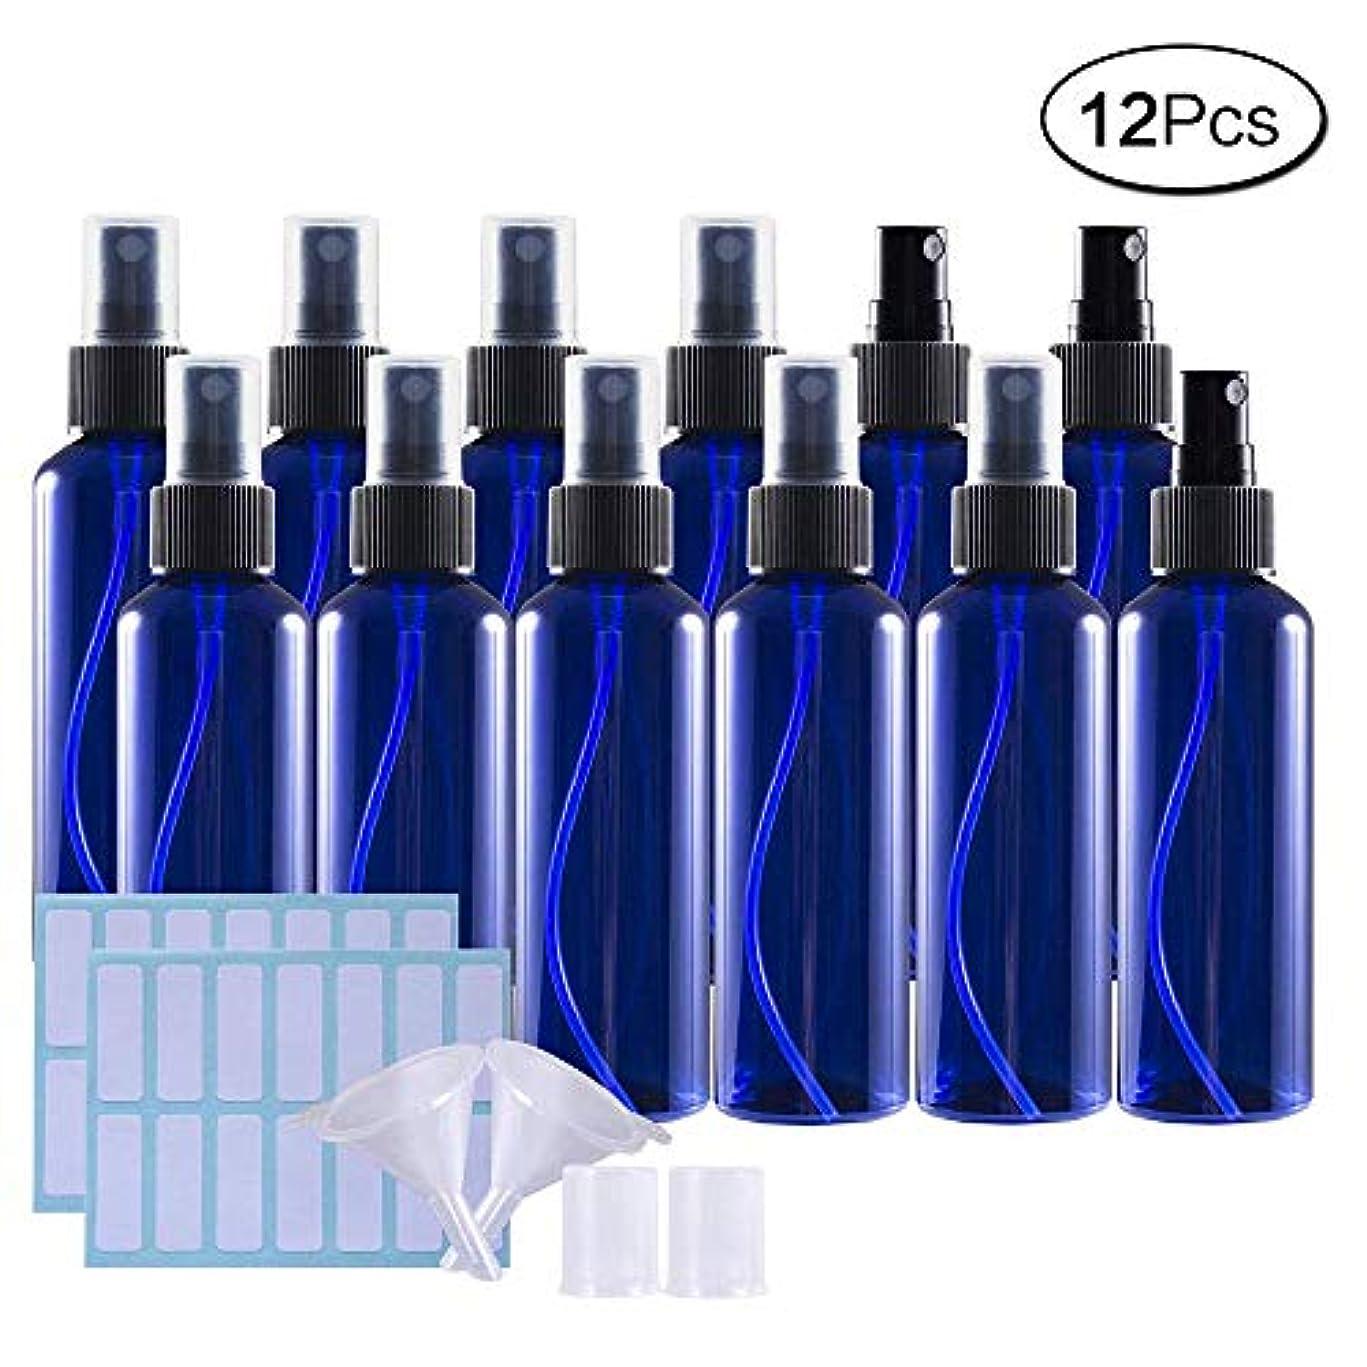 多様なコンピューターインシュレータ100mlスプレーボトル 12個セット遮光瓶 小分けボトル プラスチック容器 液体用空ボトル 化粧品 収納瓶